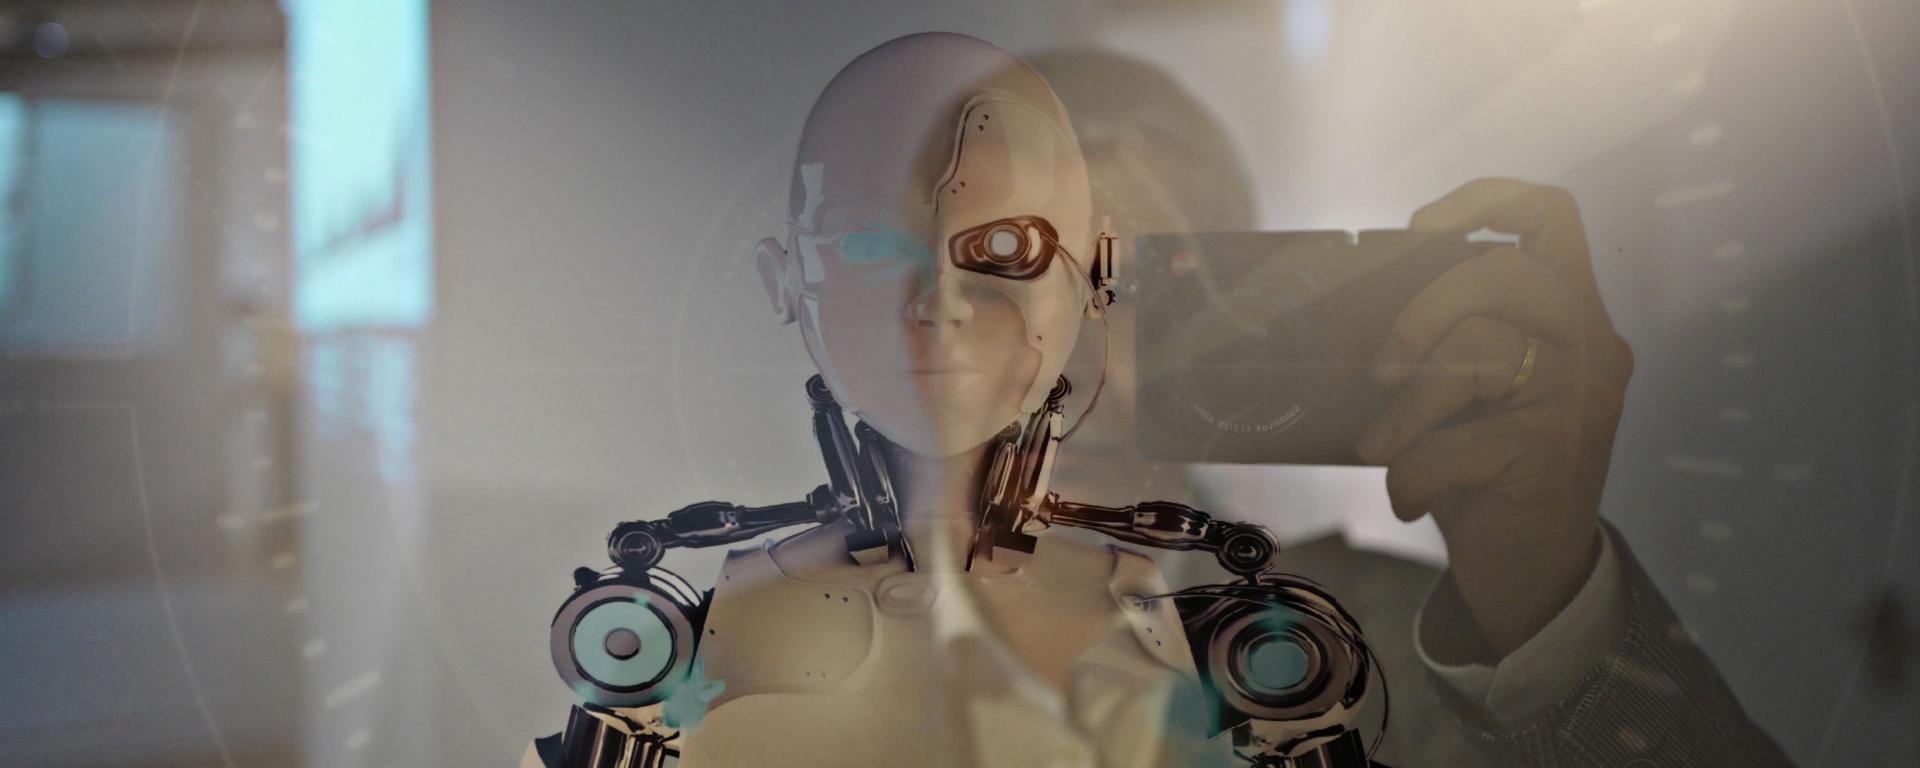 Ingenieur . Robotiker . Unternehmer